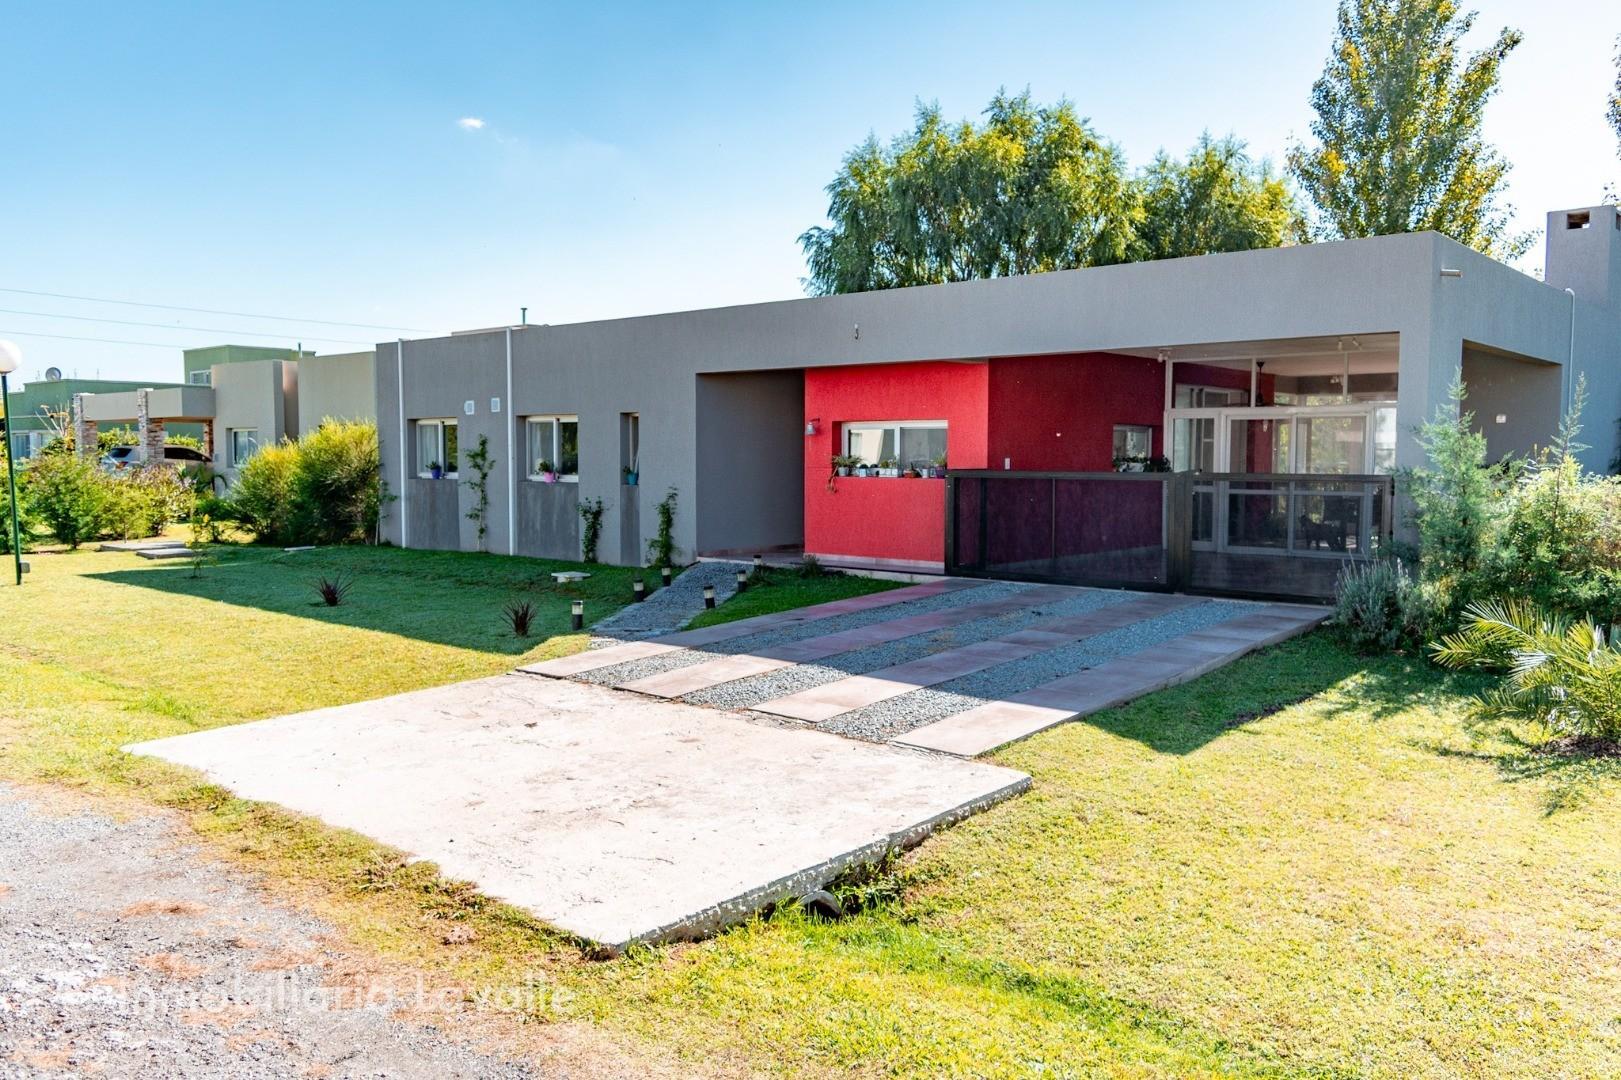 Casa en Venta en Countries y Barrios Cerrados La Plata - 4 ambientes